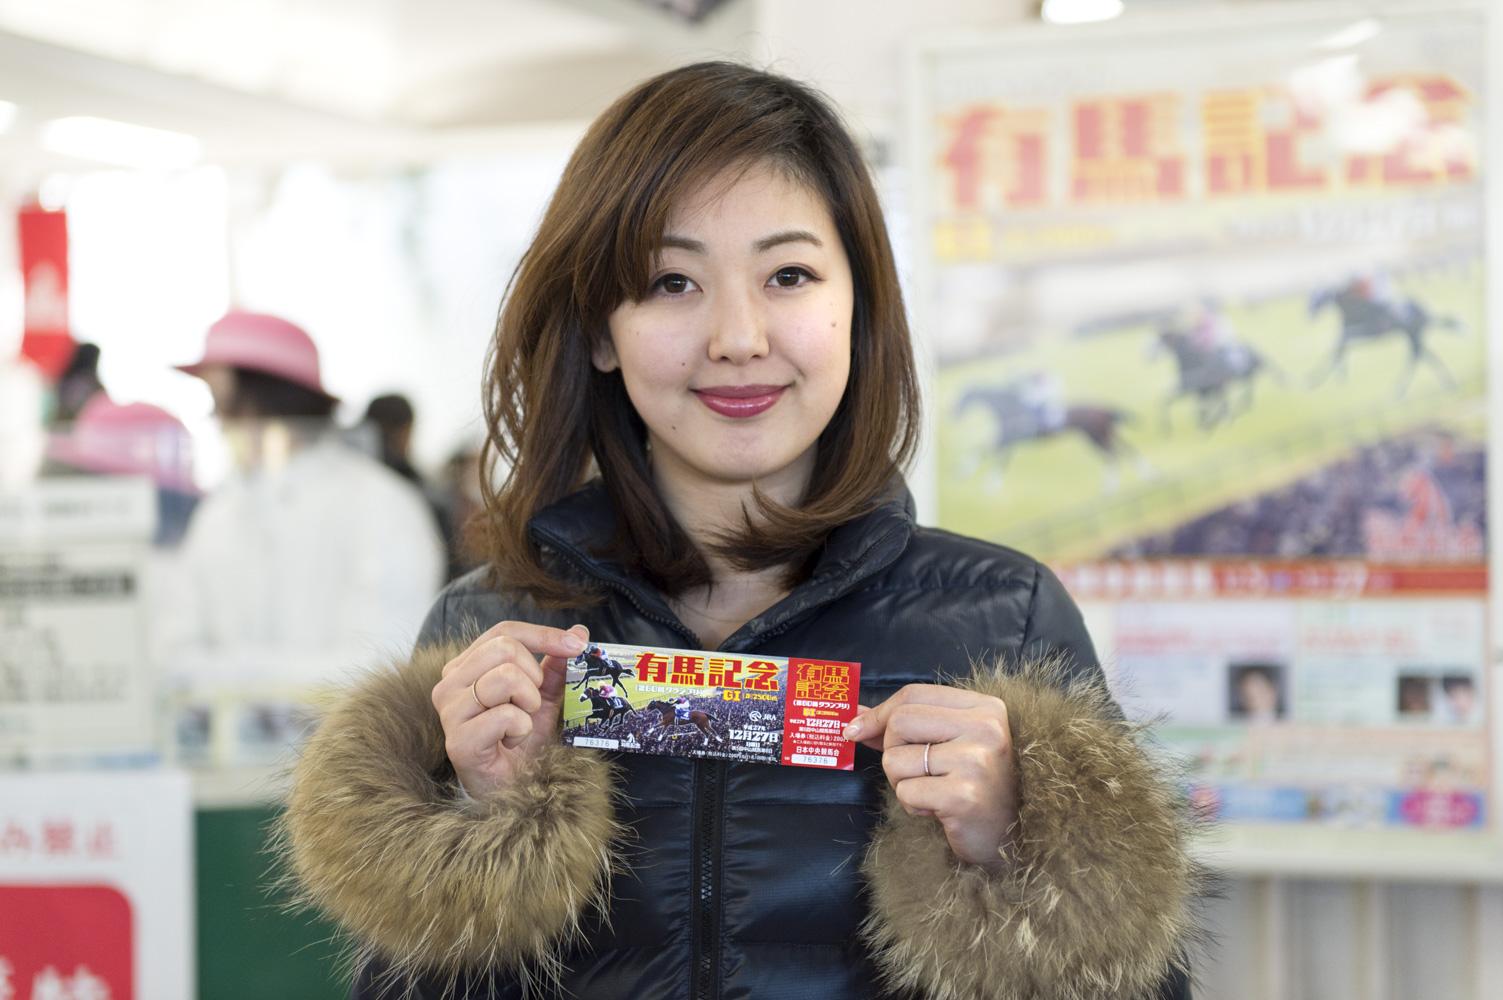 有馬記念(GI)記念入場券を見事手に入れた浅香さん。10万枚限定です!